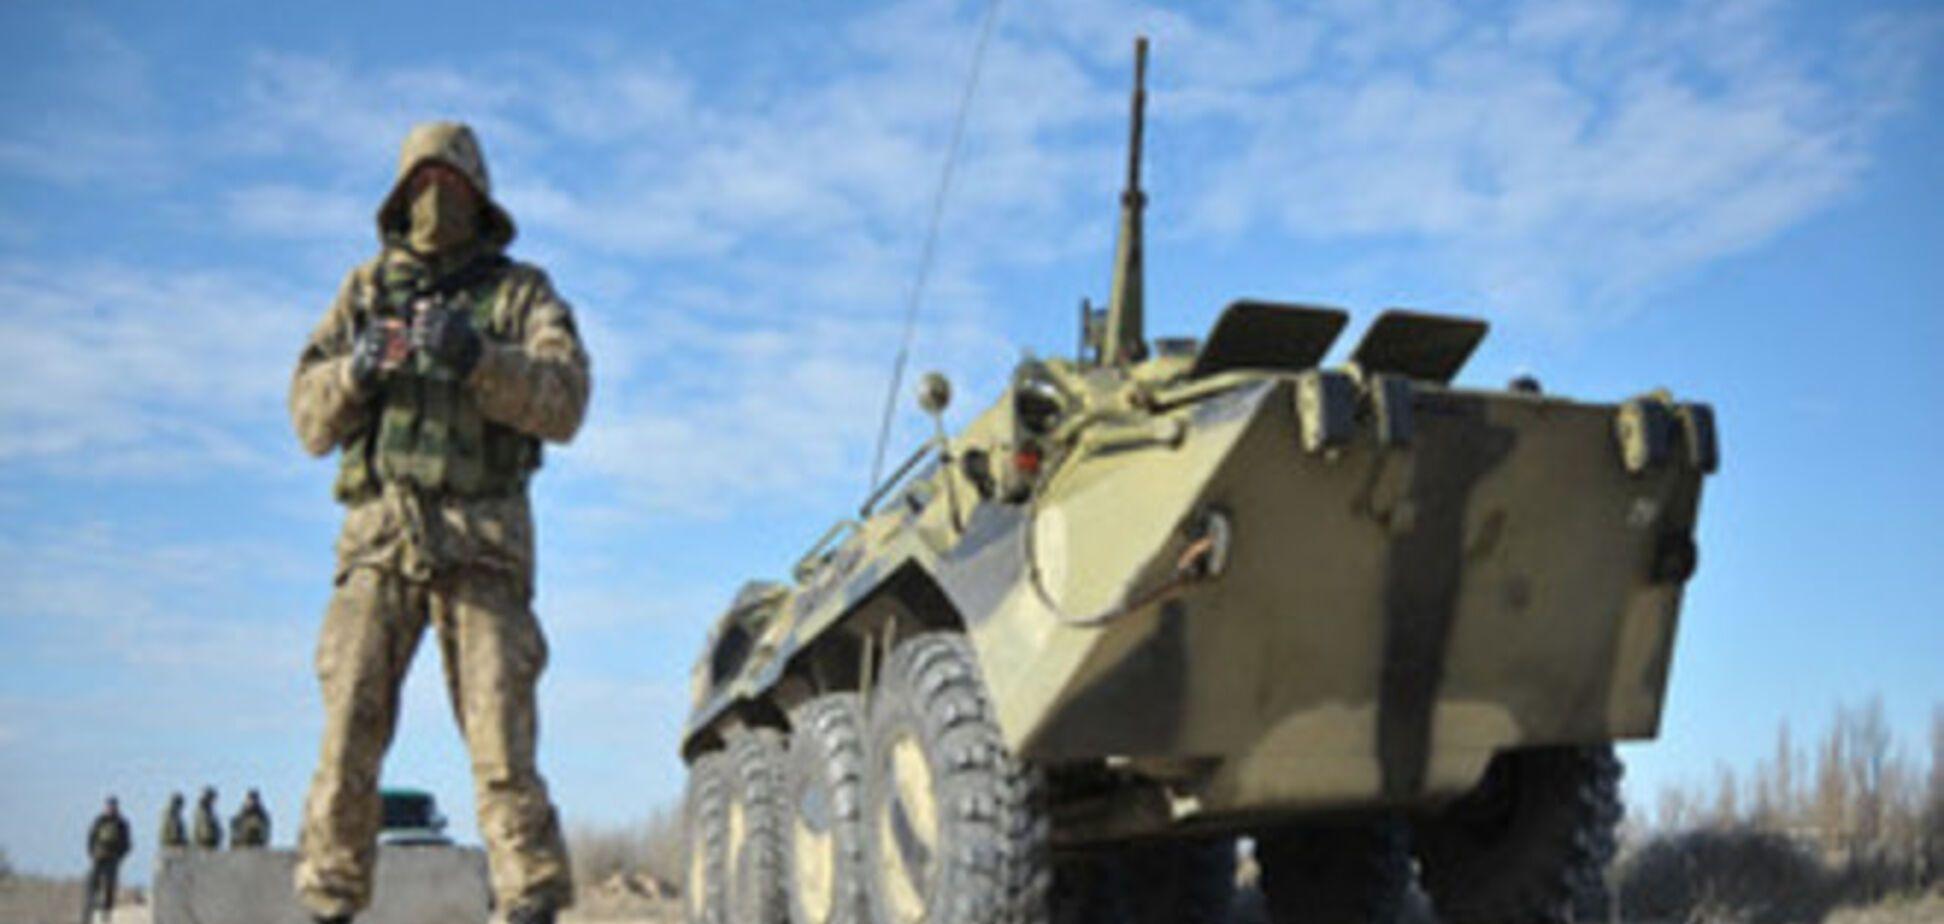 Бойцы АТО в районе Докучаевска уничтожили два минометных расчета террористов